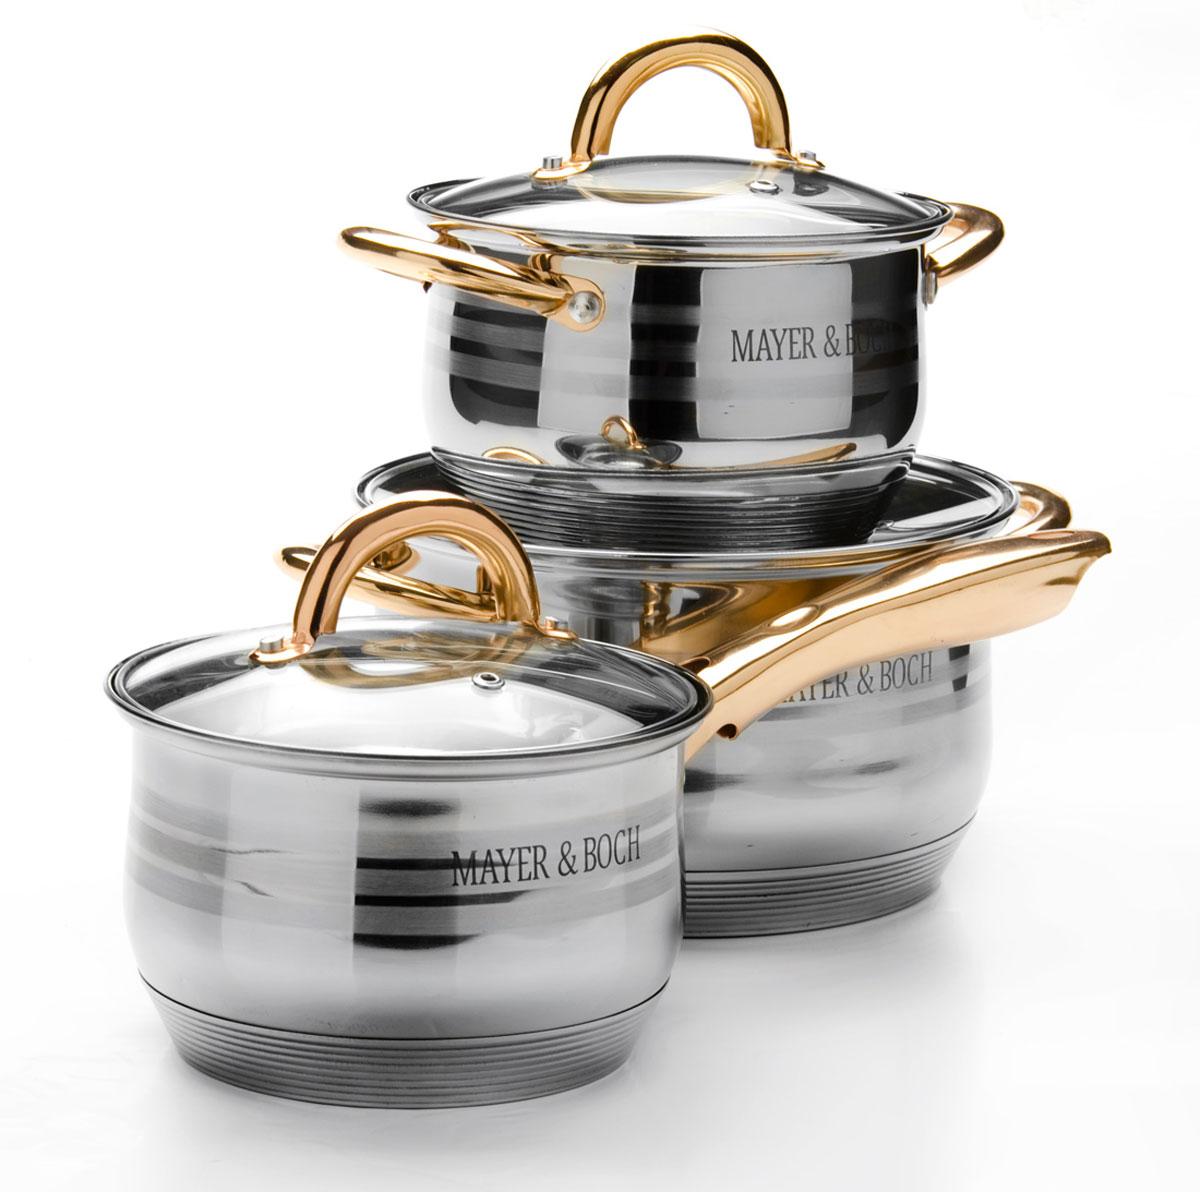 Набор посуды Mayer & Boch, с крышками, 6 предметов. 2567125671Набор посуды Mayer & Boch выполнен из высококачественной многослойной нержавеющей стали с комбинированной полировкой. Этот набор посуды предназначен для здорового и экологичного приготовления пищи. Посуда имеет многослойное капсульное дно с алюминиевым основанием, которое быстро и равномерно накапливает тепло и также равномерно передает его пище. Внутренняя поверхность идеально ровная, что значительно облегчает мытье. Крышки, выполненные из термостойкого стекла, имеют отверстие паровыпуска и металлический обод. Крышки плотно прилегают к краям посуды, предотвращая проливание жидкости и сохраняя аромат блюд. Также изделия снабжены эргономичными ручками из стали.Подходит для использования на всех типах плит, включая индукционные. Подходит для мытья в посудомоечной машине.Ковш: объем 2,1 л; диаметр 16 см; высота стенки 10,5 см.Кастрюля: объем 2,1 л; диаметр 16 см; высота стенки 10,5 см.Кастрюля: объем 3,9 л; диаметр 20 см; высота стенки 12,5 см.